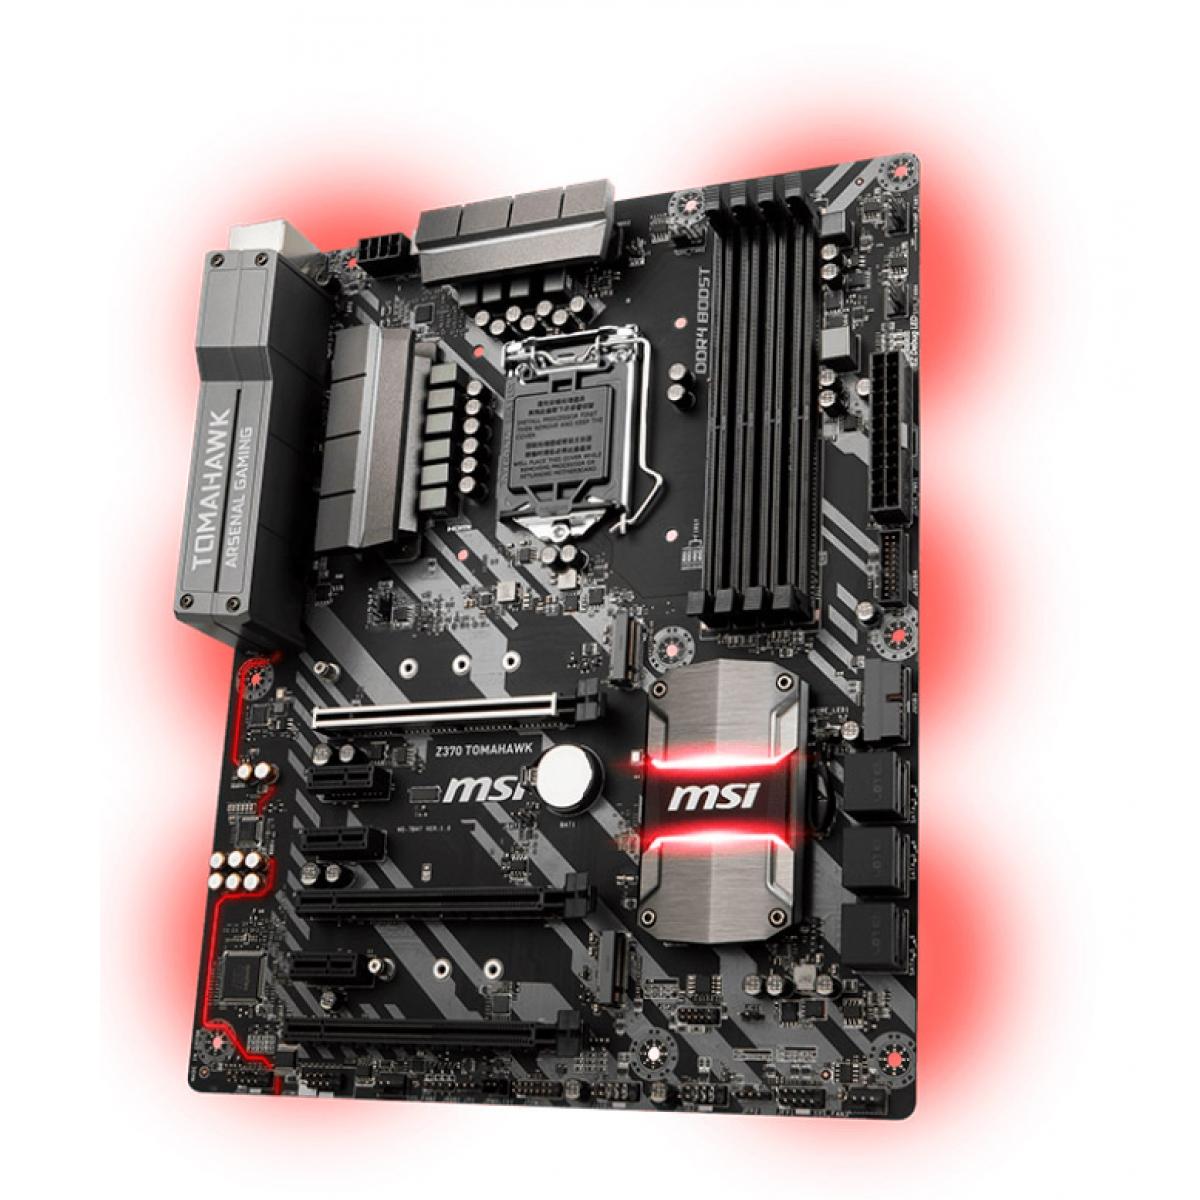 Placa Mãe MSI Z370 TOMAHAWK, Chipset Z370, Intel LGA 1151, ATX, DDR4